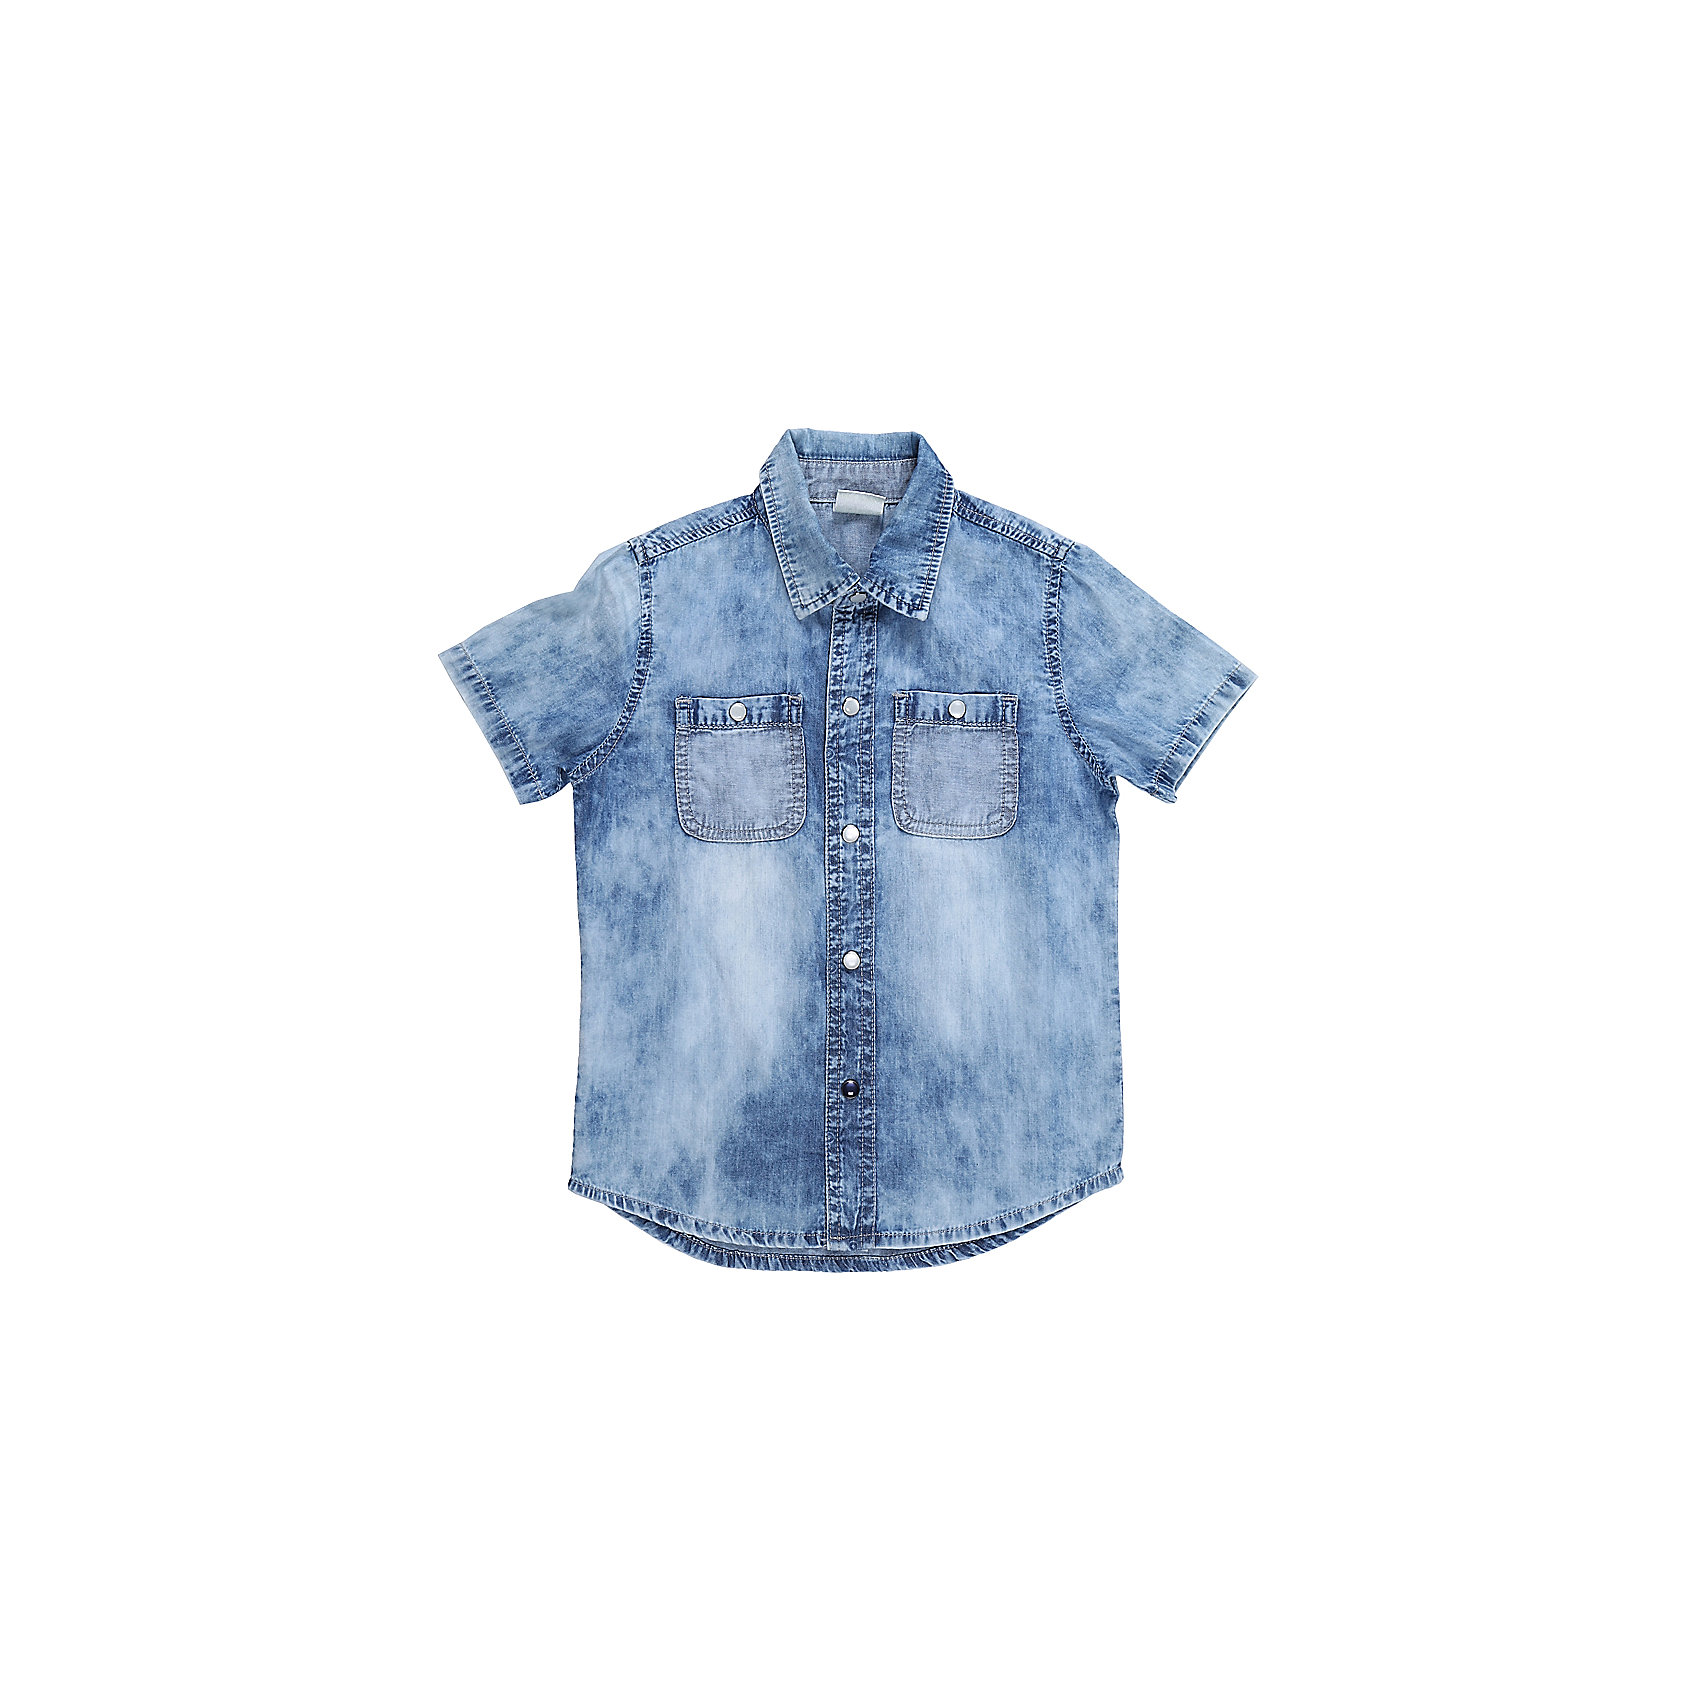 Рубашка джинсовая для мальчика Sweet BerryФутболки, топы<br>Хлопковая рубашка из тонкой ткани под джинсу. Застежка на кнопках. На полочках два накладных карманы. Спинка декорирована оригинальным принтом. Отложной воротничок.<br>Состав:<br>100%хлопок<br><br>Ширина мм: 174<br>Глубина мм: 10<br>Высота мм: 169<br>Вес г: 157<br>Цвет: голубой<br>Возраст от месяцев: 12<br>Возраст до месяцев: 15<br>Пол: Мужской<br>Возраст: Детский<br>Размер: 80,86,92,98<br>SKU: 5411720